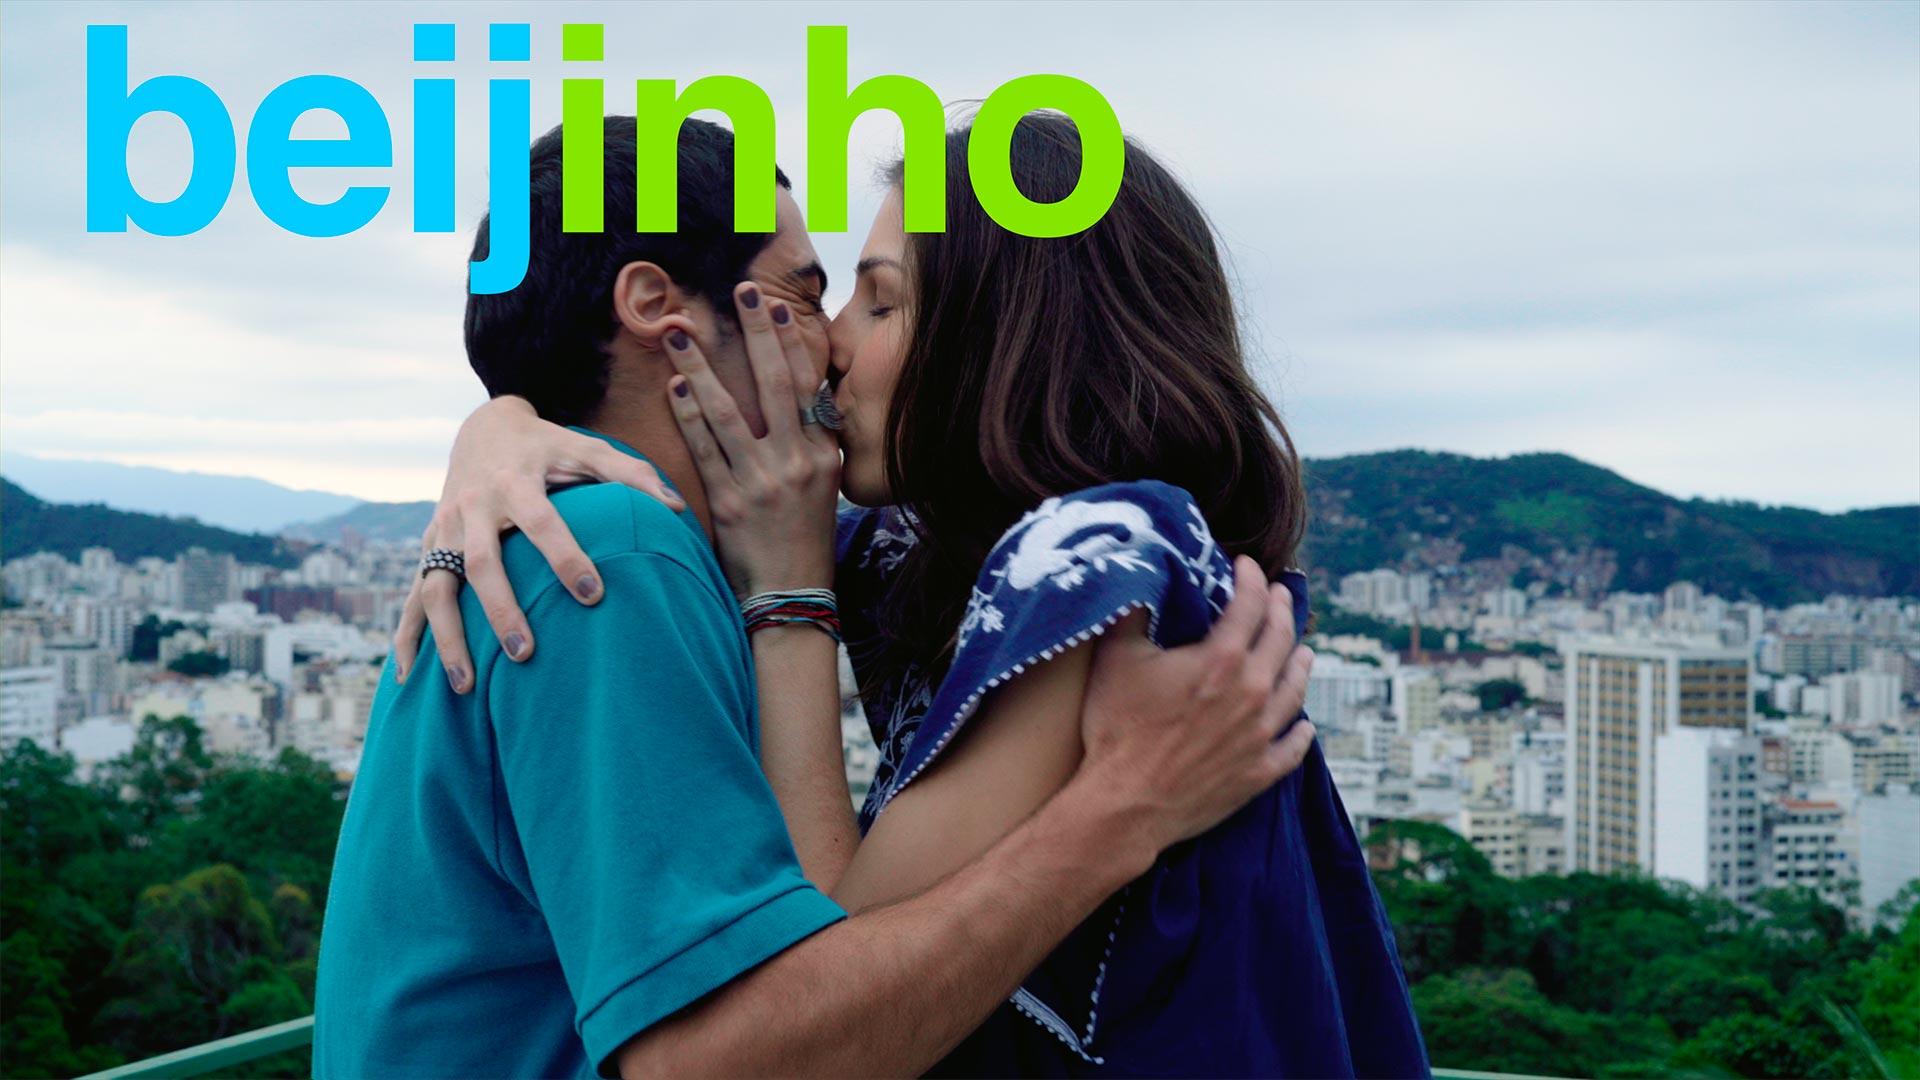 Learn Brazilian Portuguese All Video Course By Semantica